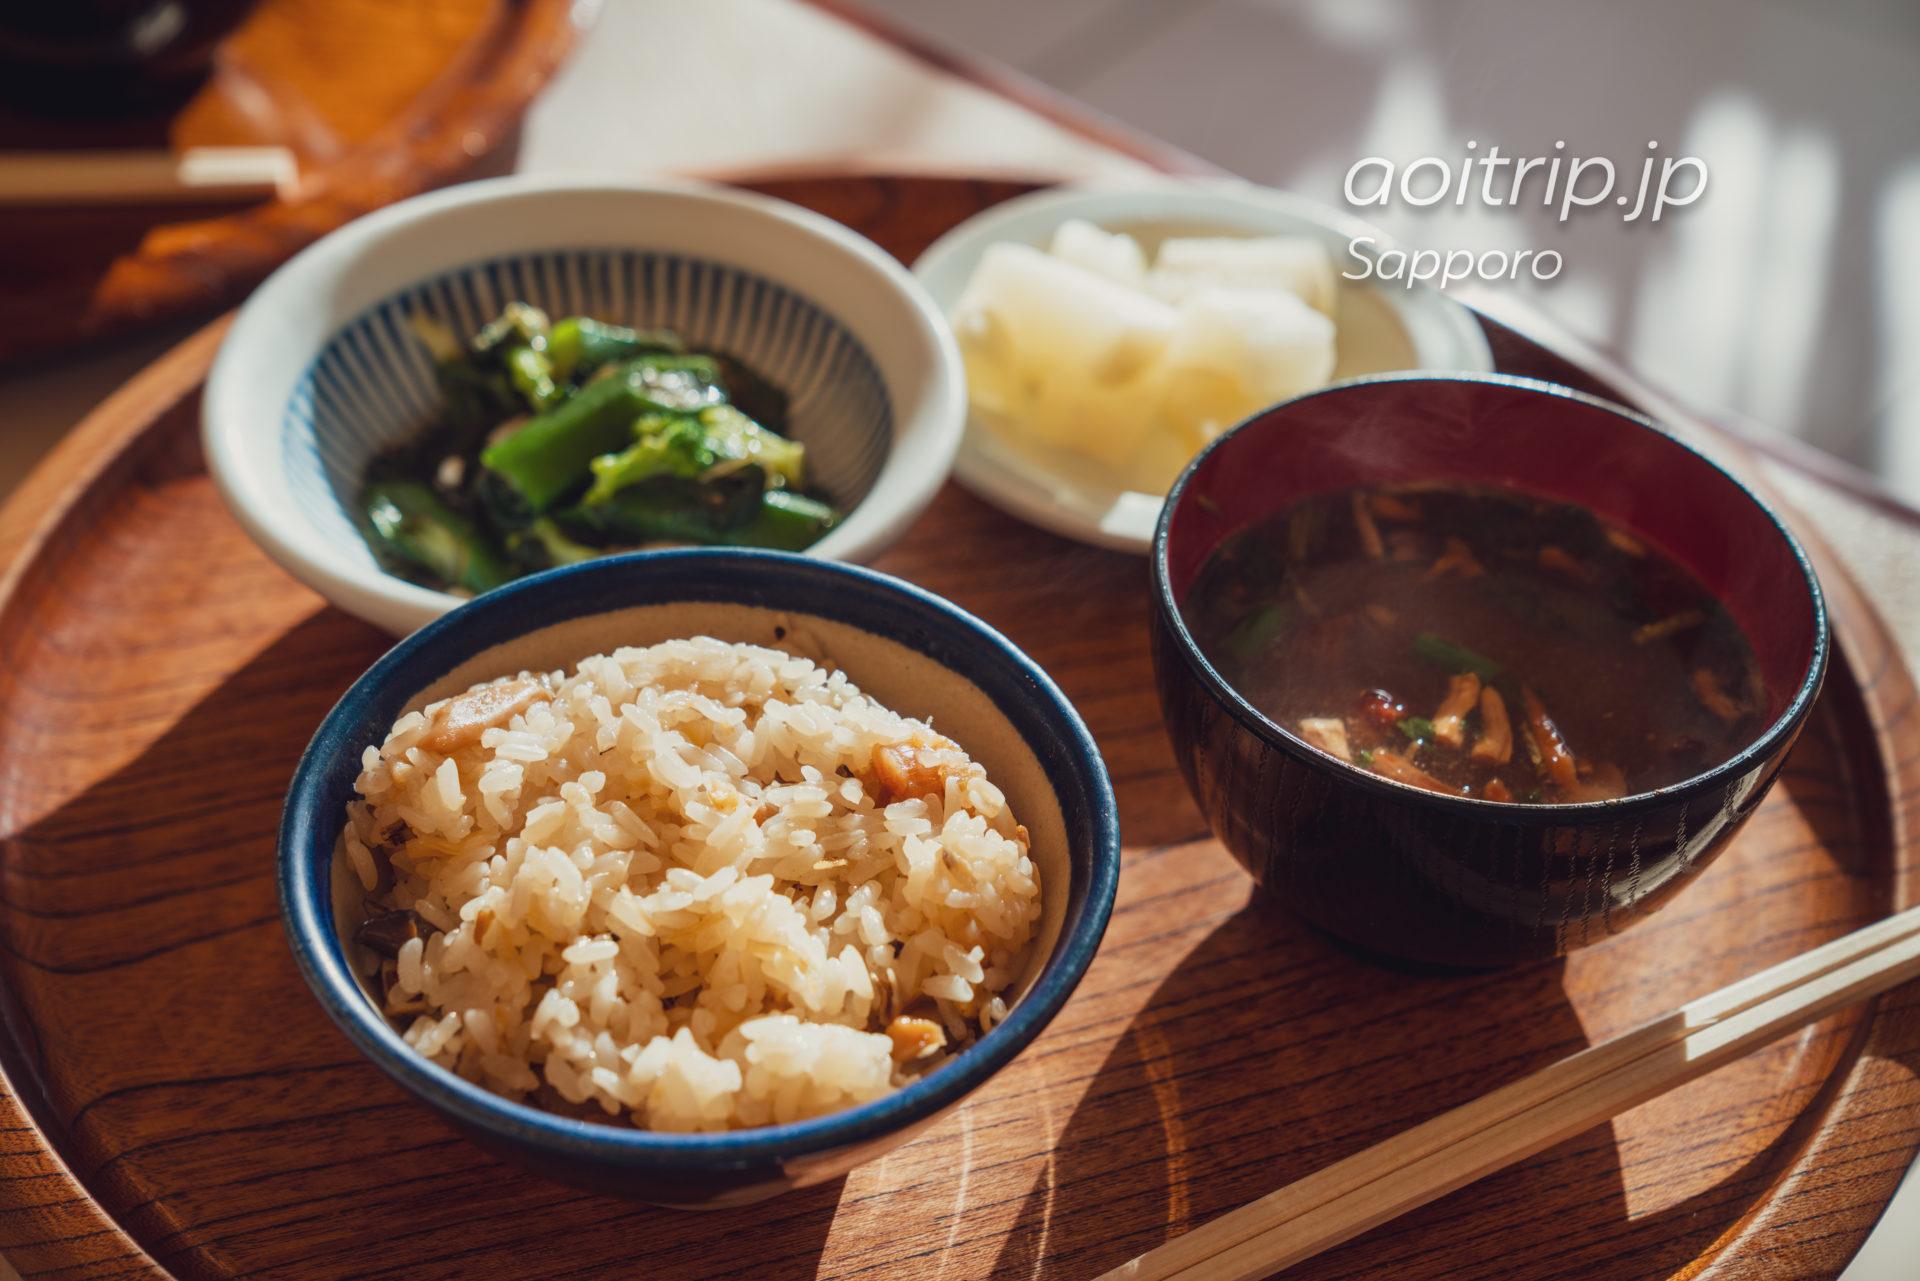 六花亭 円山店 ほたて強飯定食